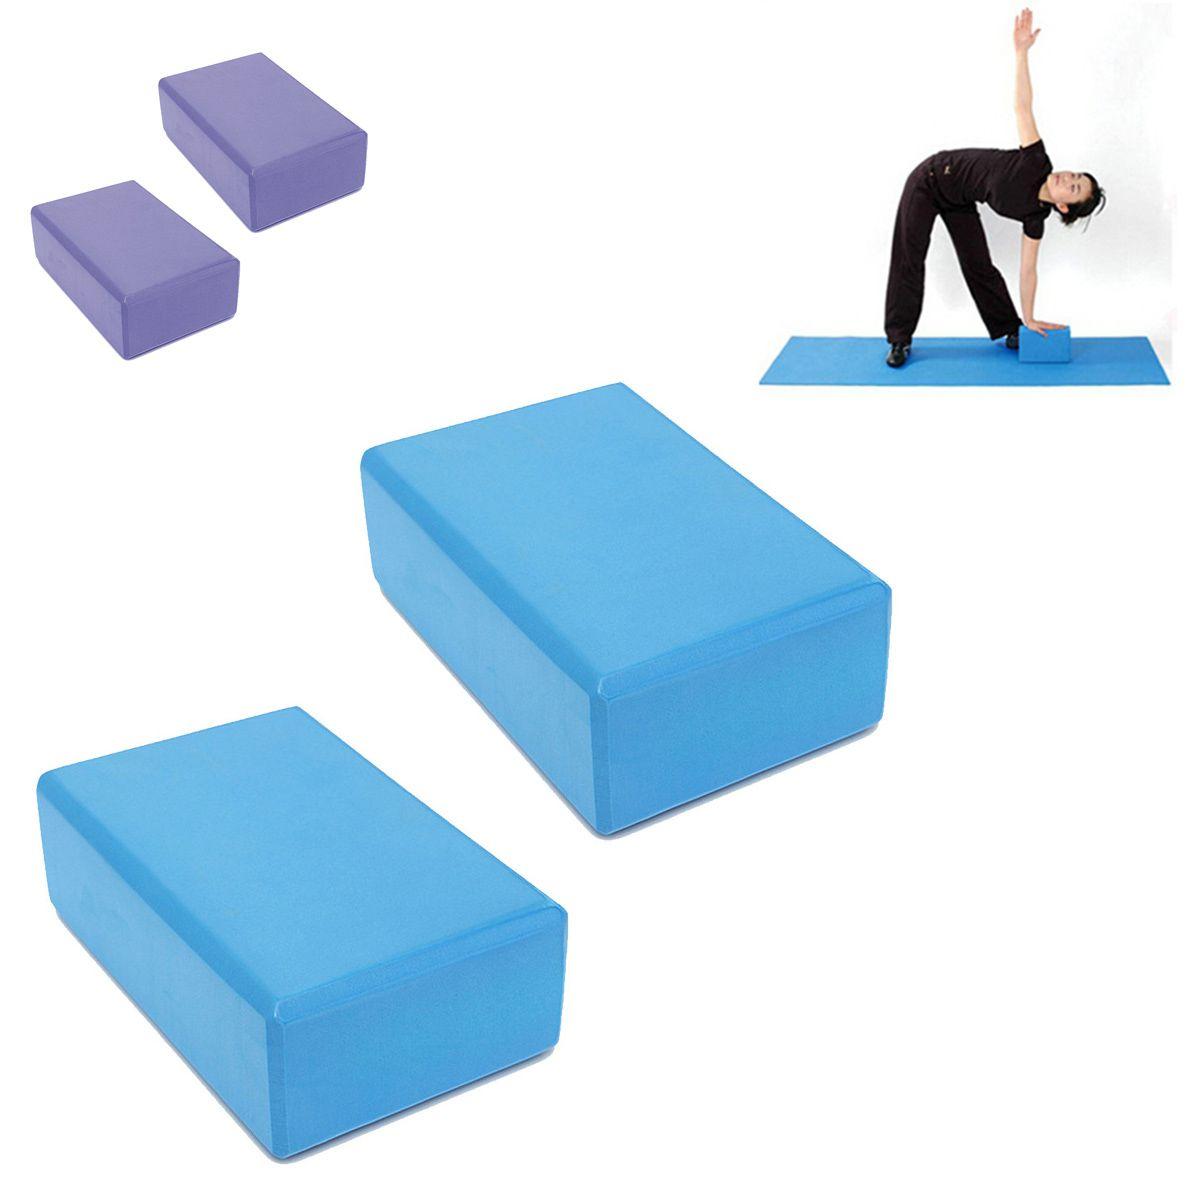 Blocos Pilates Yoga Eva Fitness Kit 2 Exercicio Ginastica Treinamento